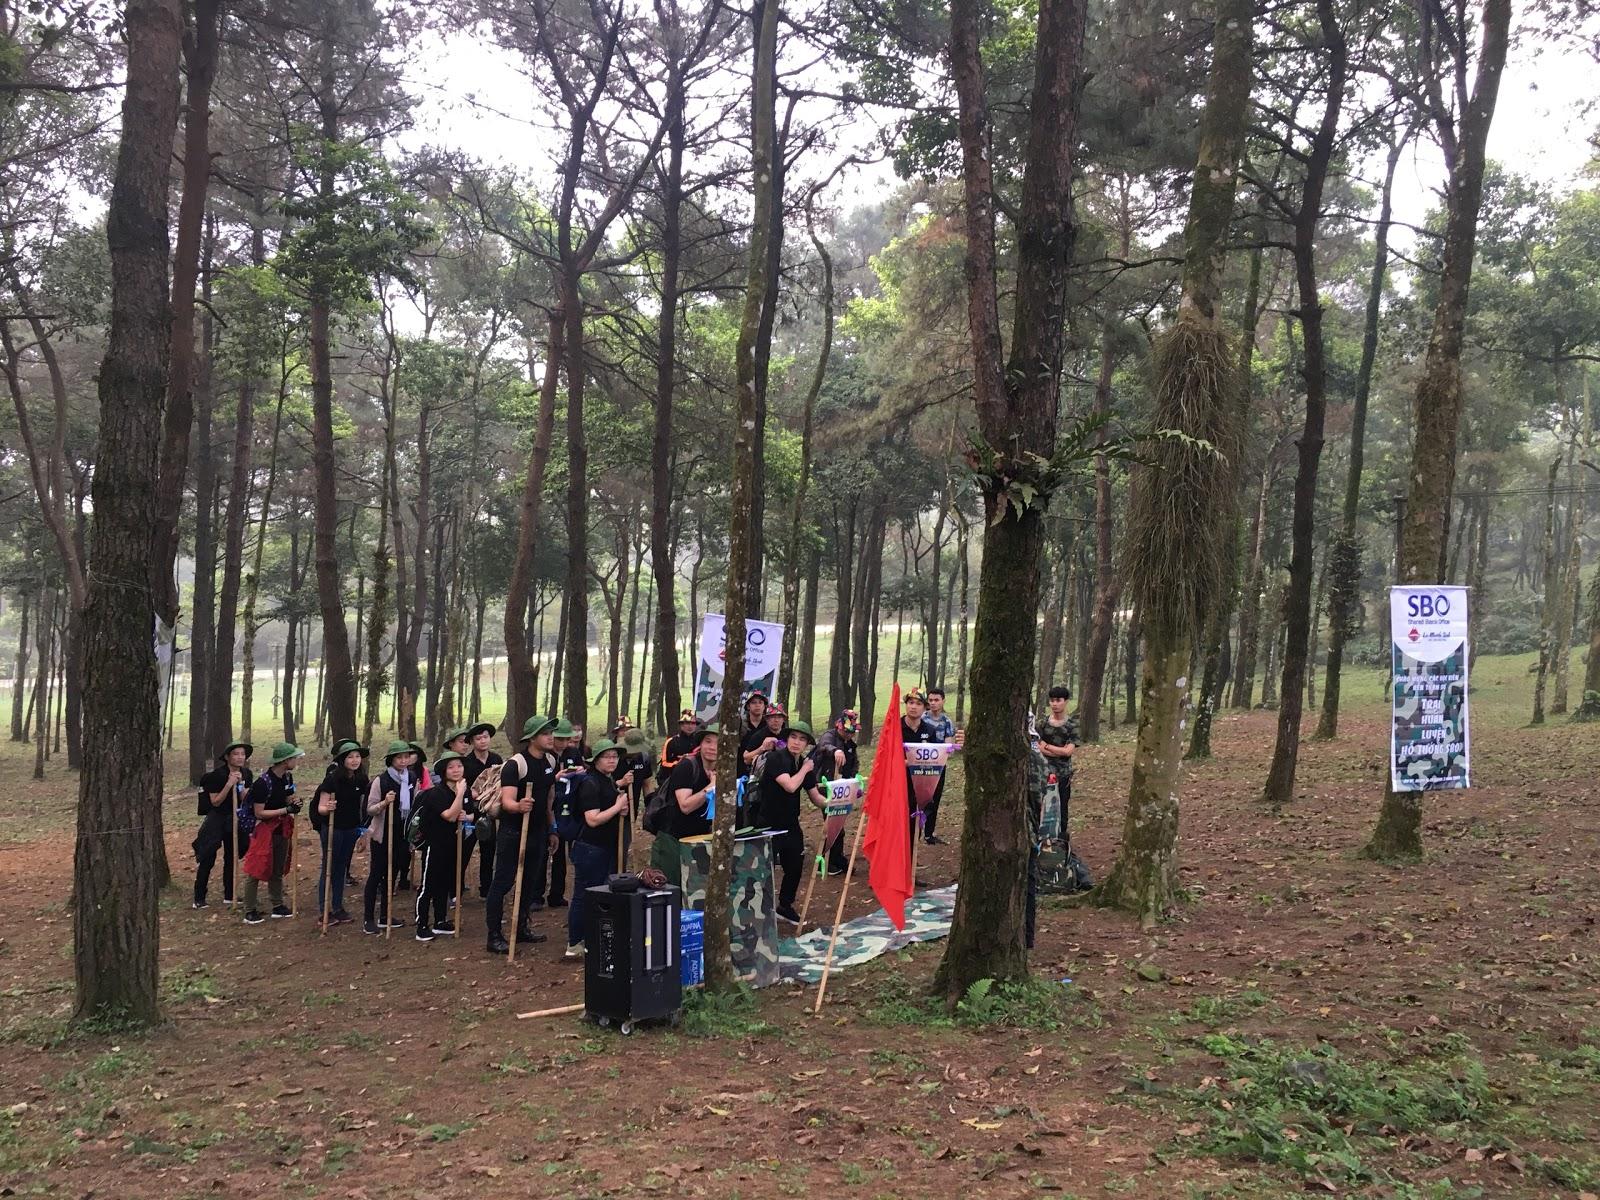 BOMcamp - Trại huấn luyện dành cho quản lý lãnh đạo SBO